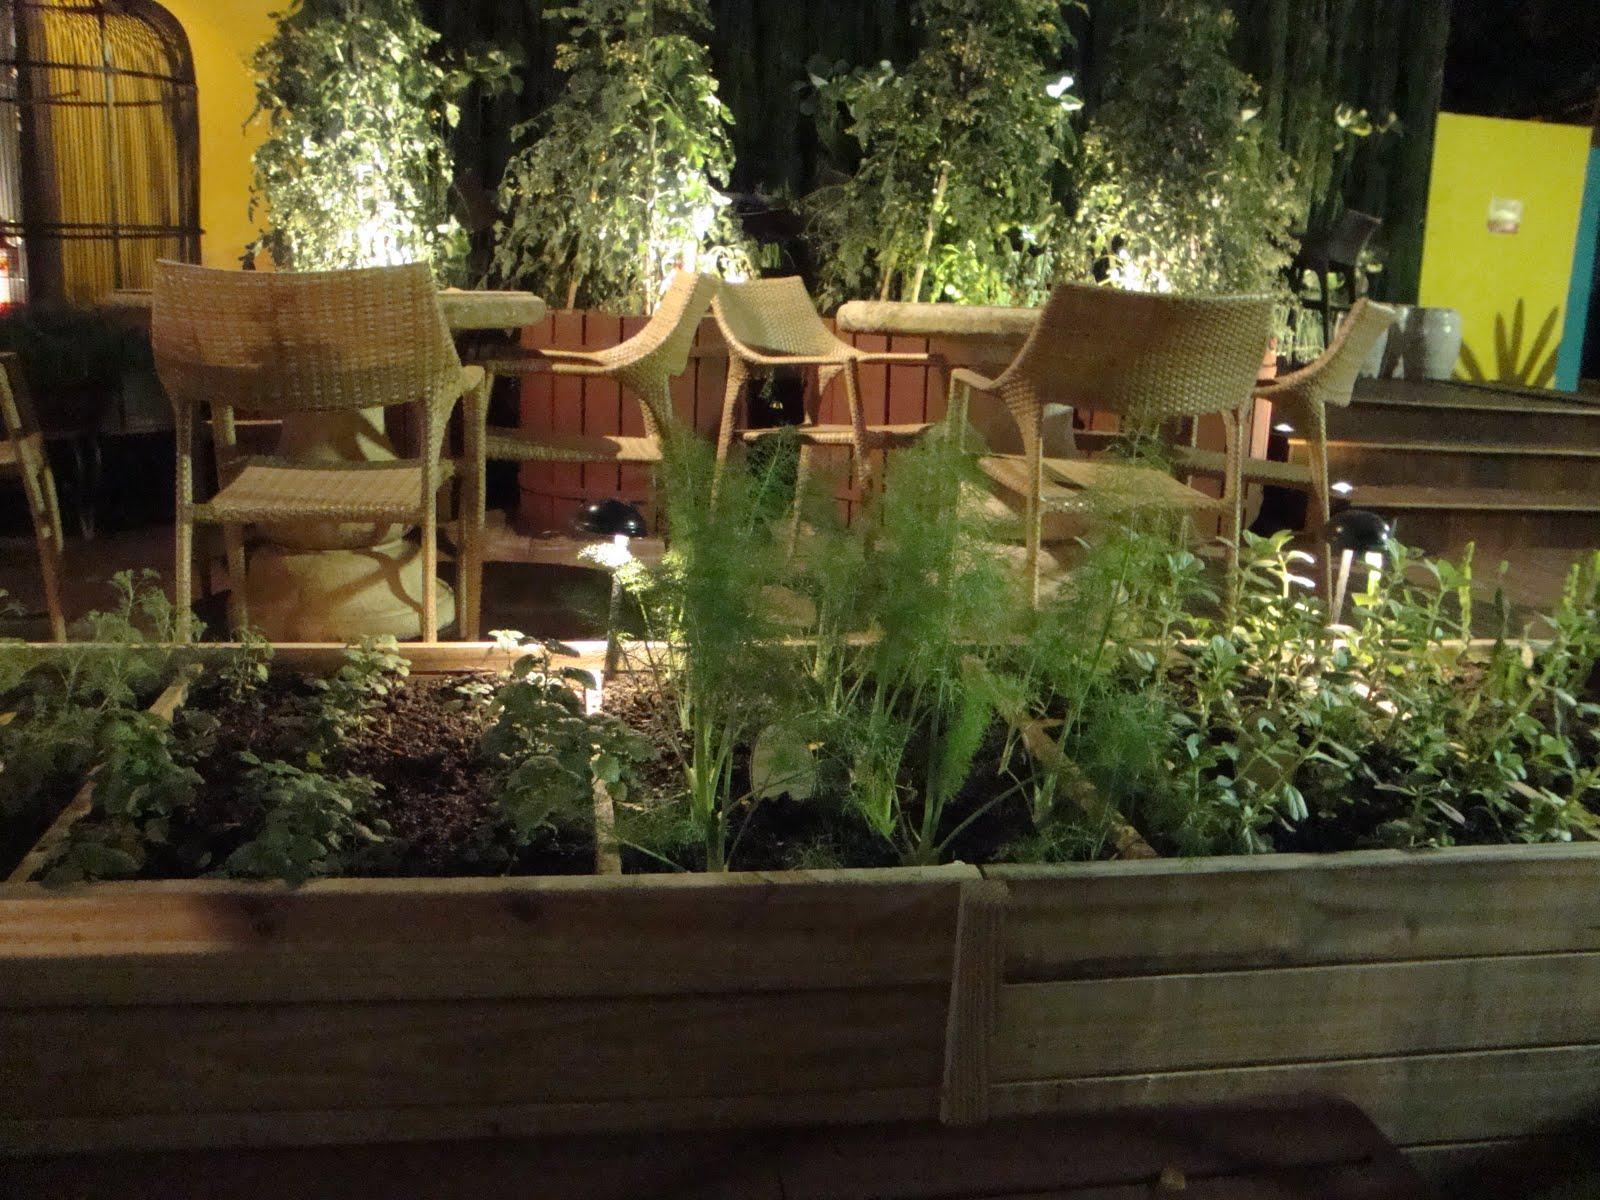 quintal que virou jardim:Parece um jardim mas é uma horta, aliás nada impede de que um jardim